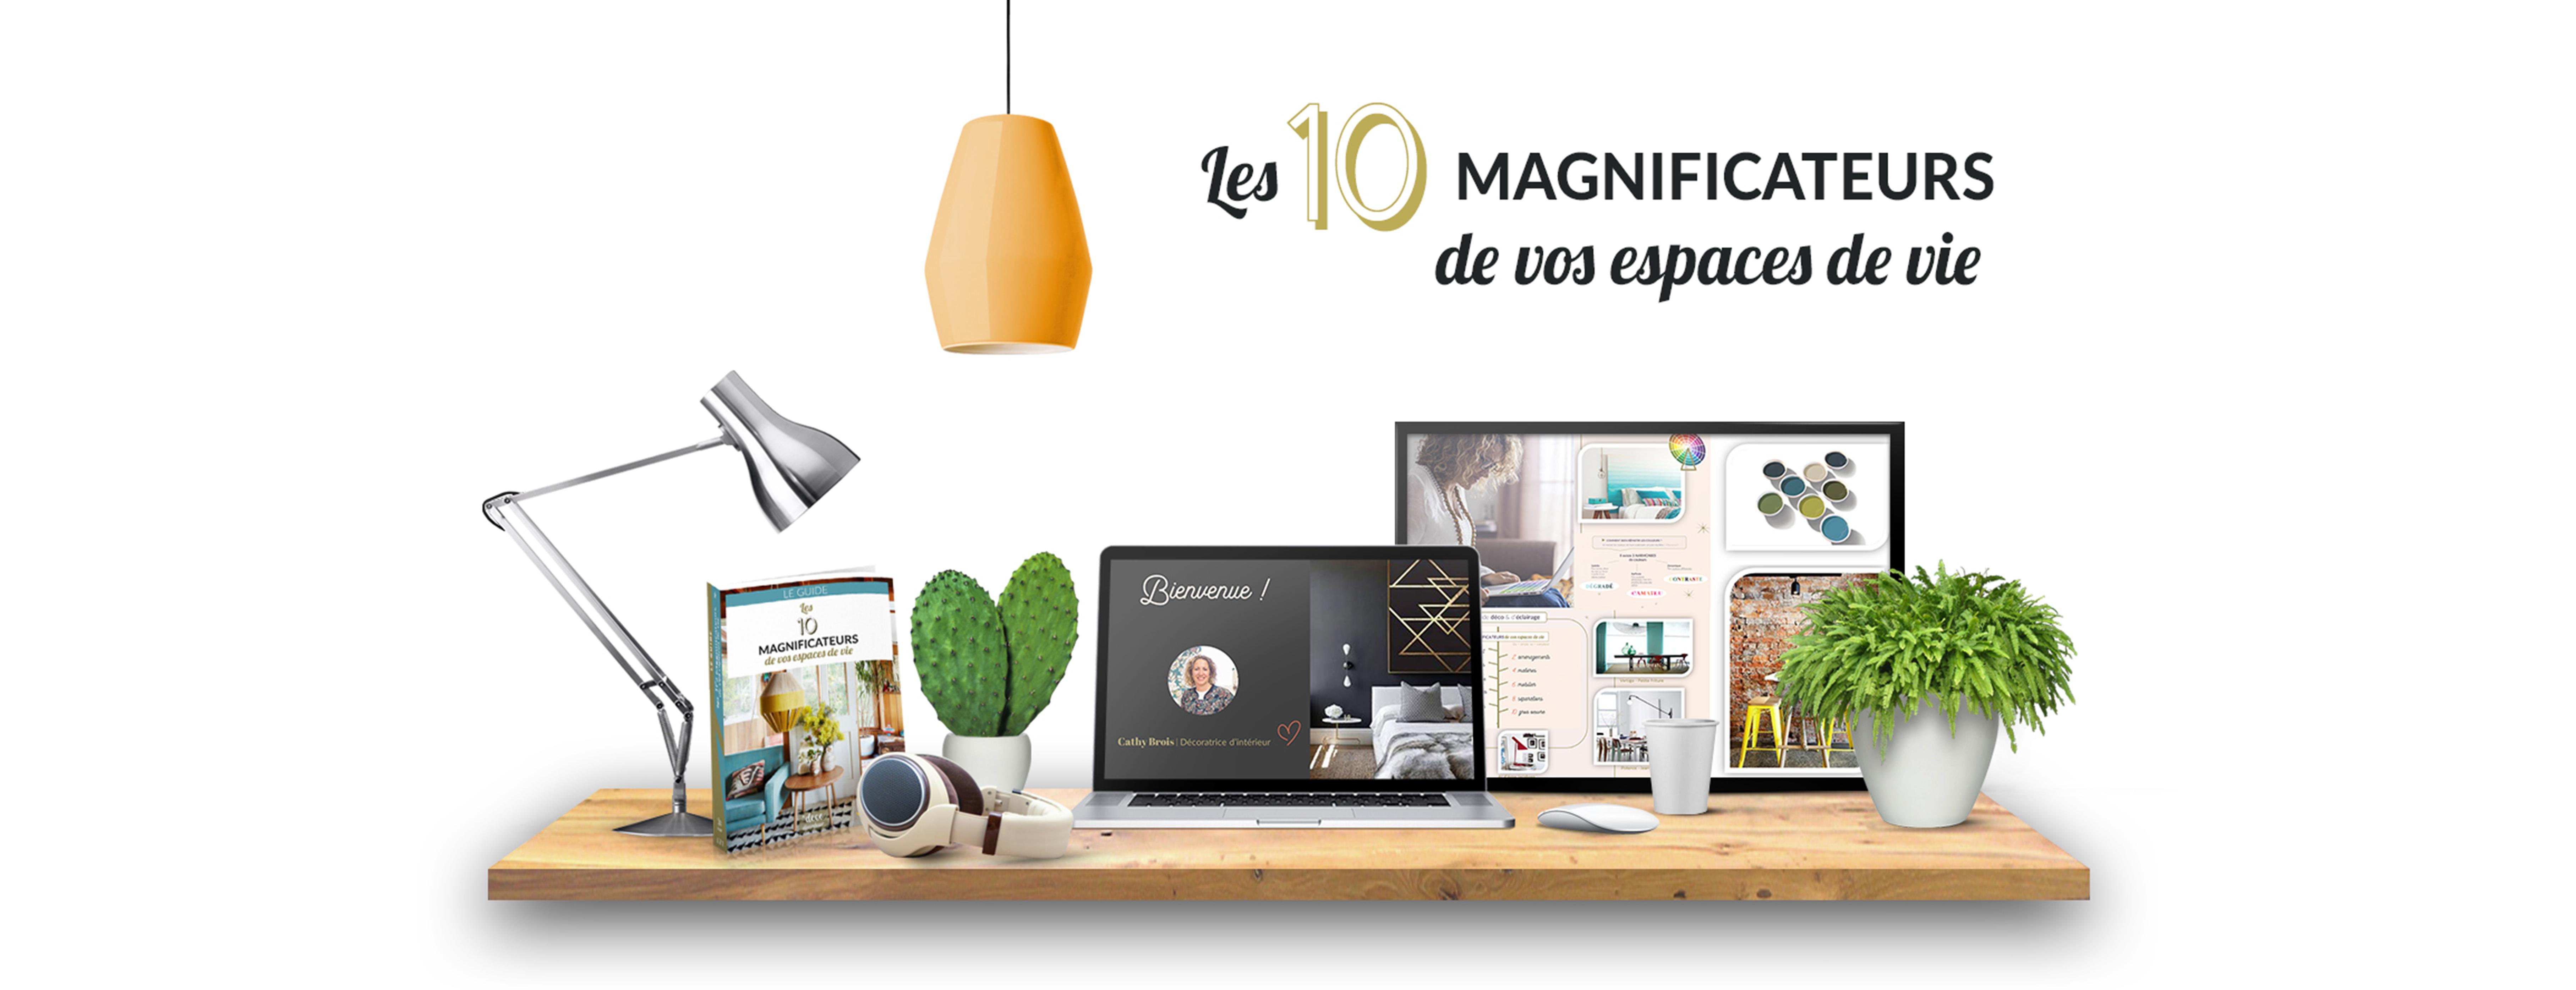 Formation en ligne gratuite à distance escale design et deco décoration maison décoratrice fondamentaux 10 magnificateurs espaces de vie